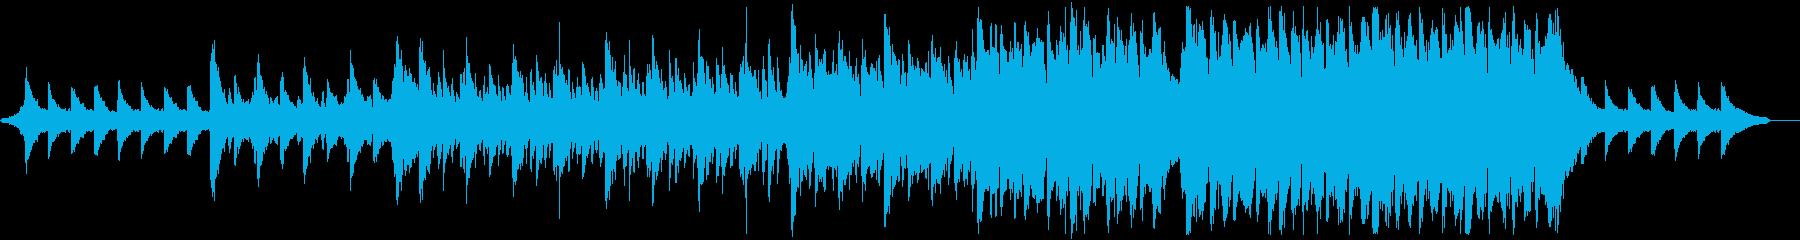 ポジティブポップオーケストラ:シンセ抜きの再生済みの波形